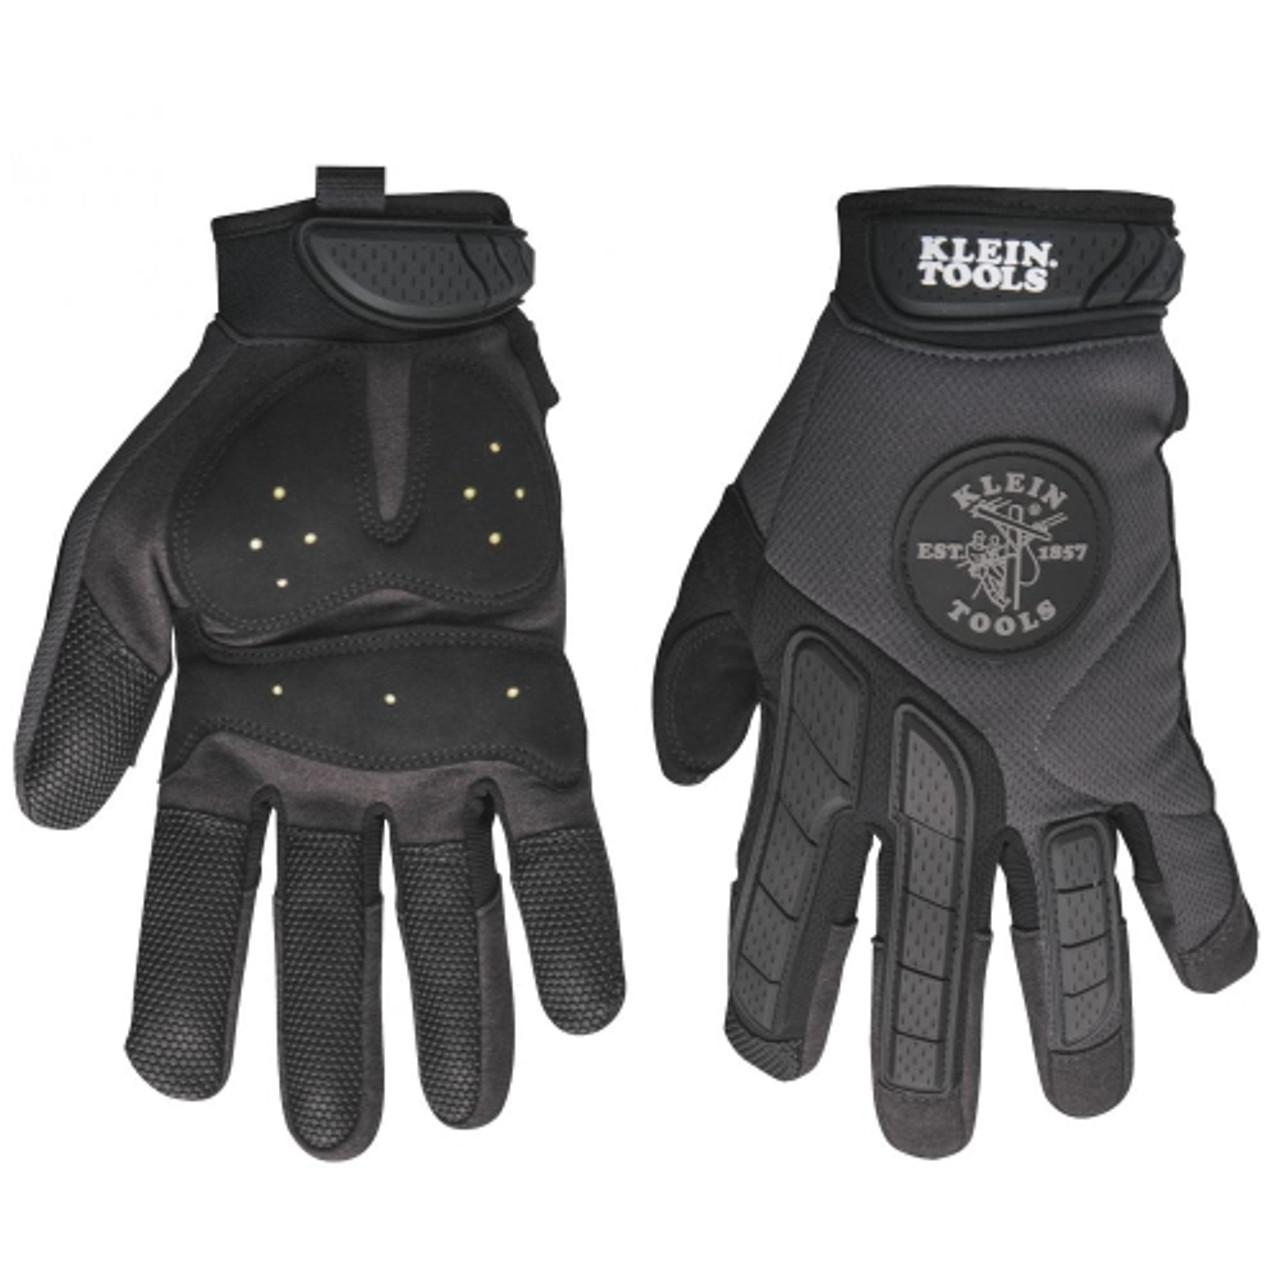 Klein 40214 Journeyman Grip Gloves, Medium